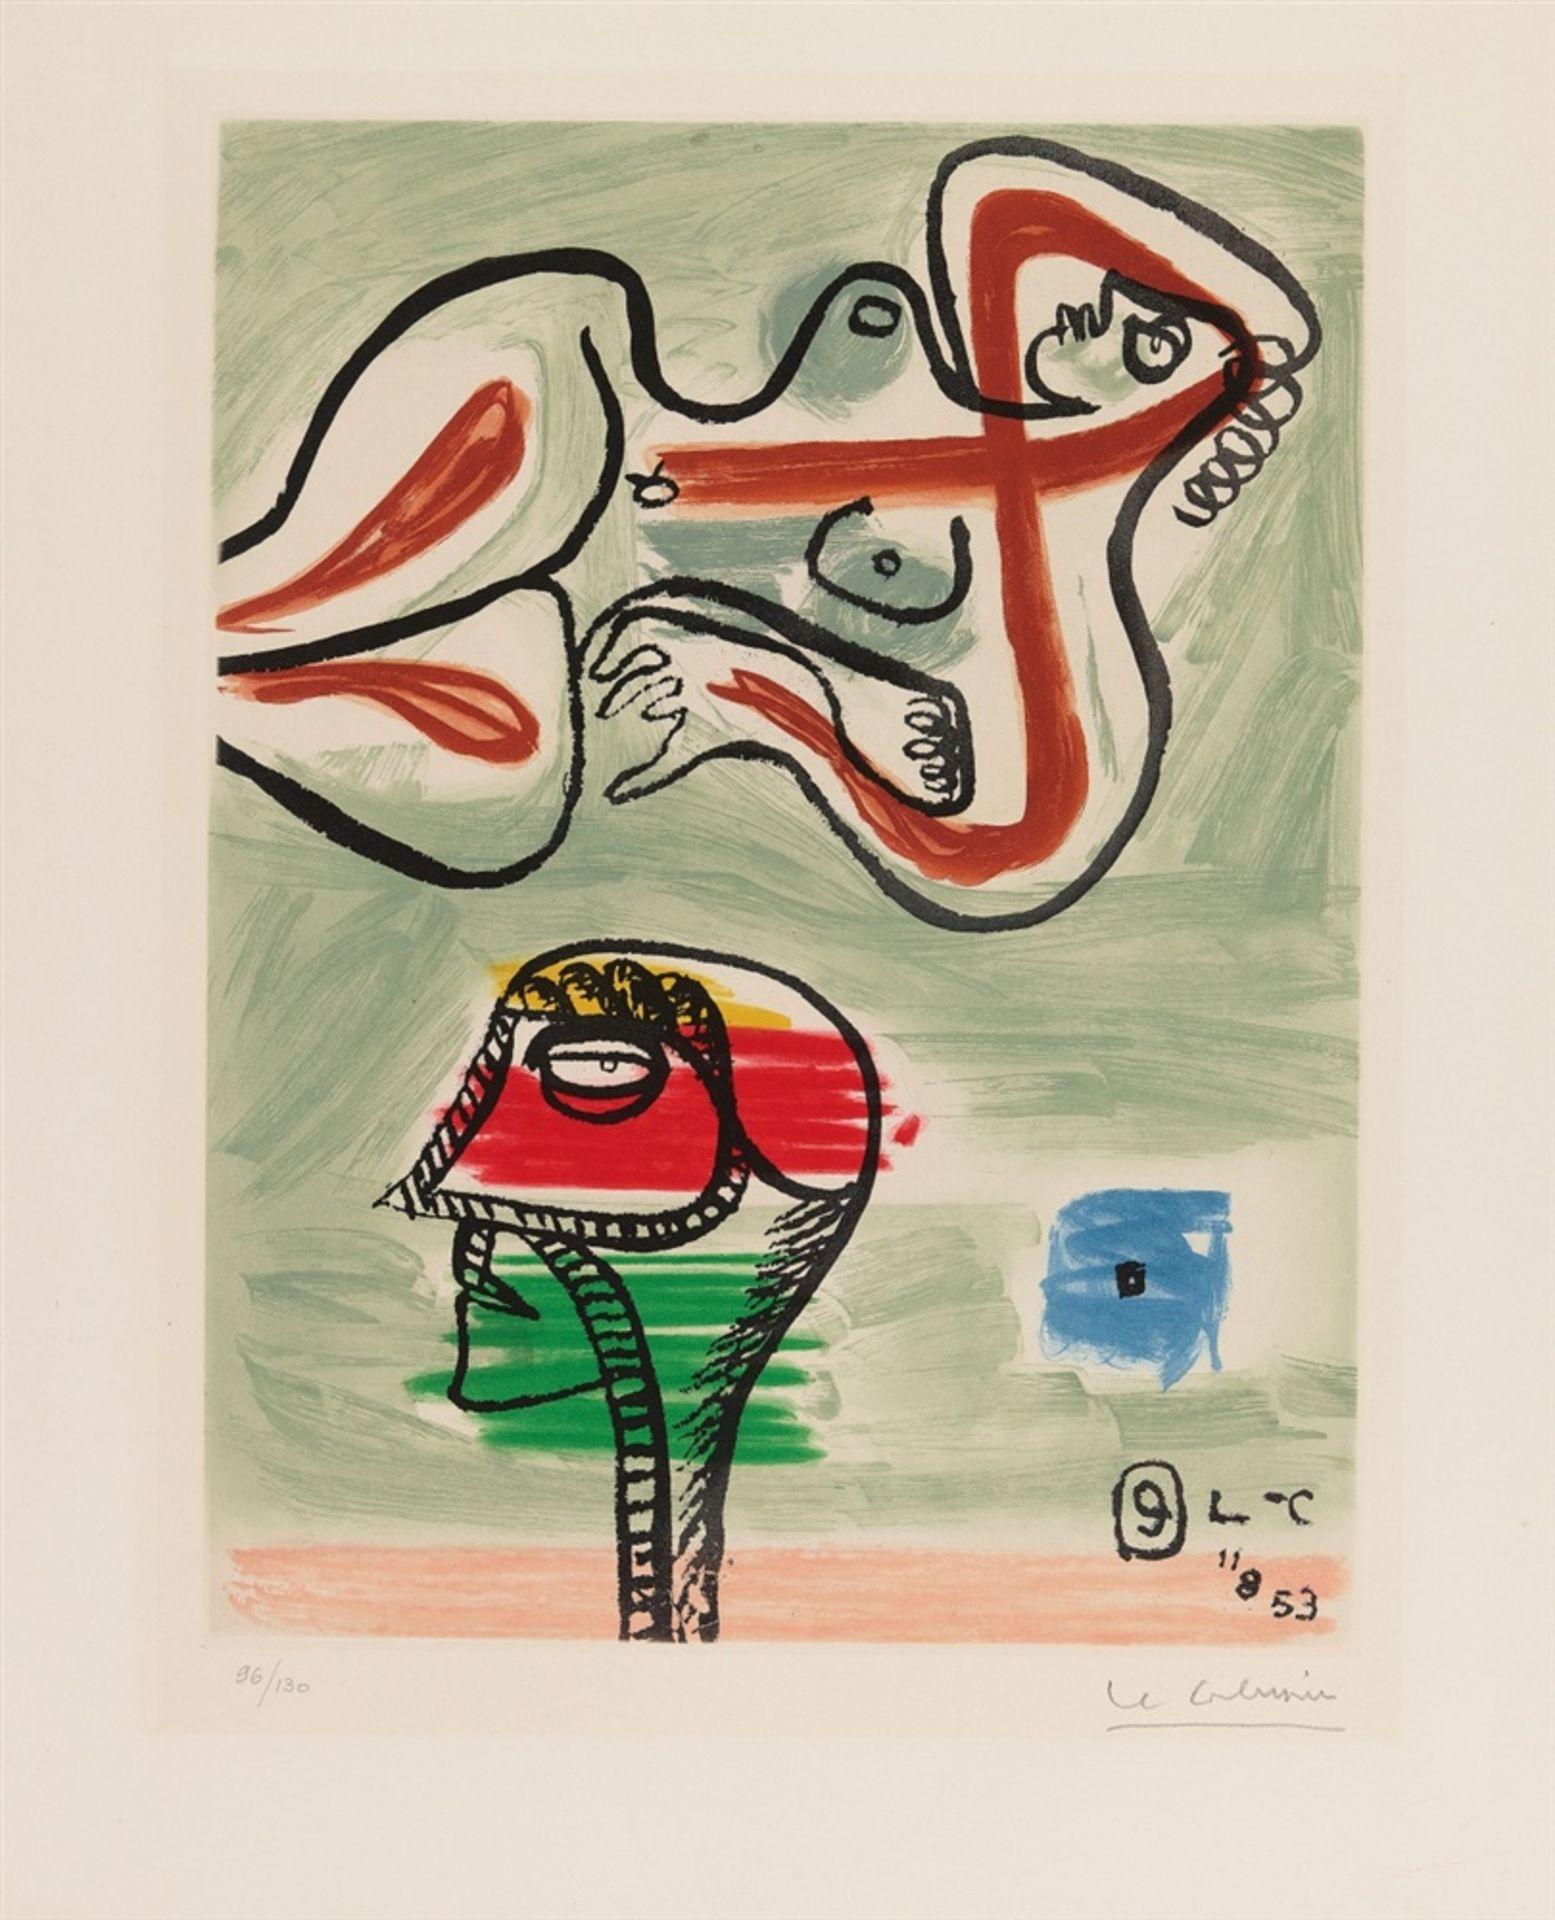 Le Corbusier (Charles-Édouard Jeanneret)Unité - Bild 4 aus 27